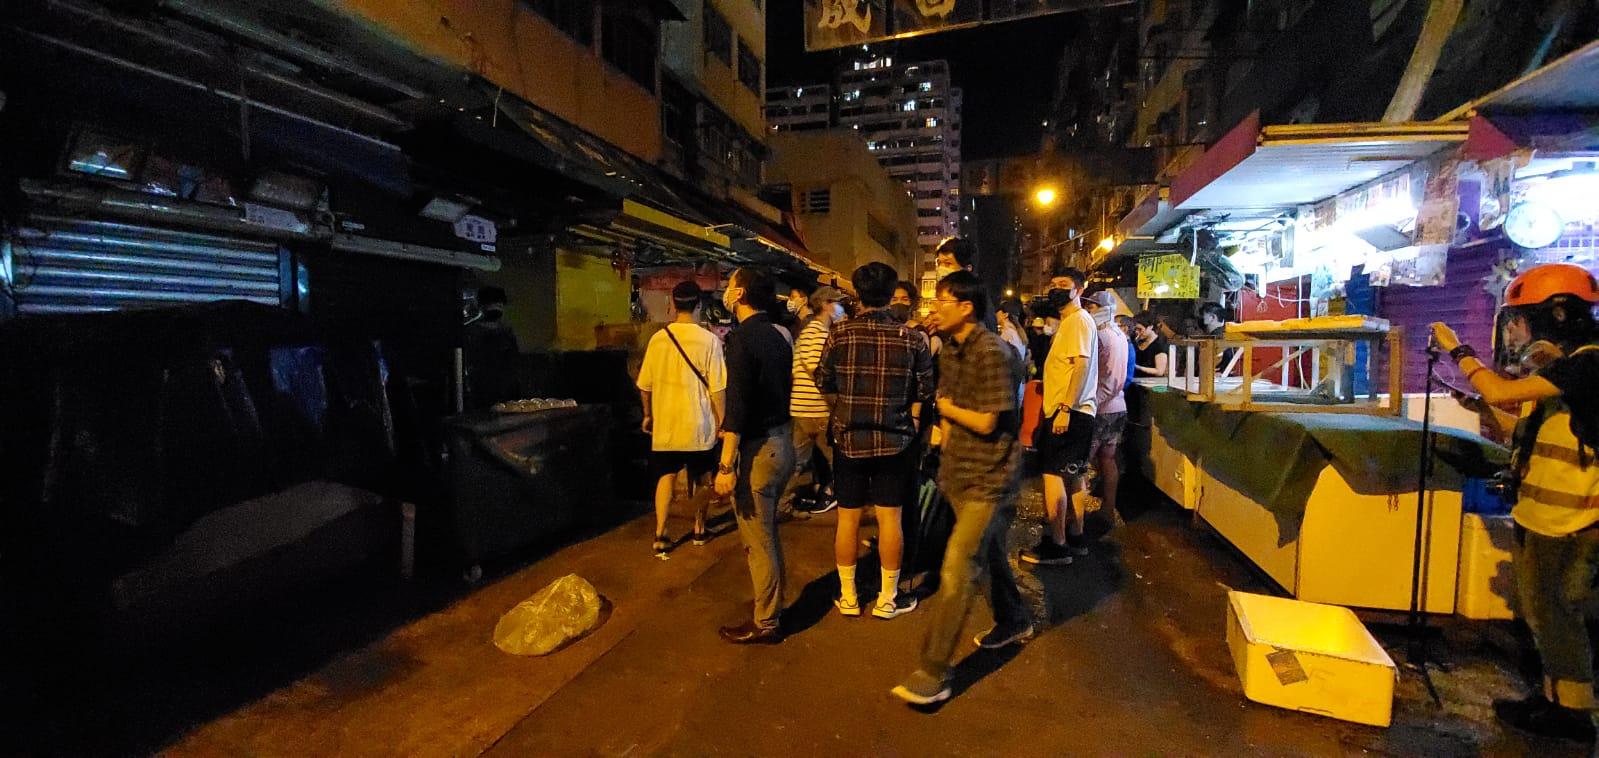 【修例风波】旺角街市附近有人疑持菜刀袭击示威者 两人受伤